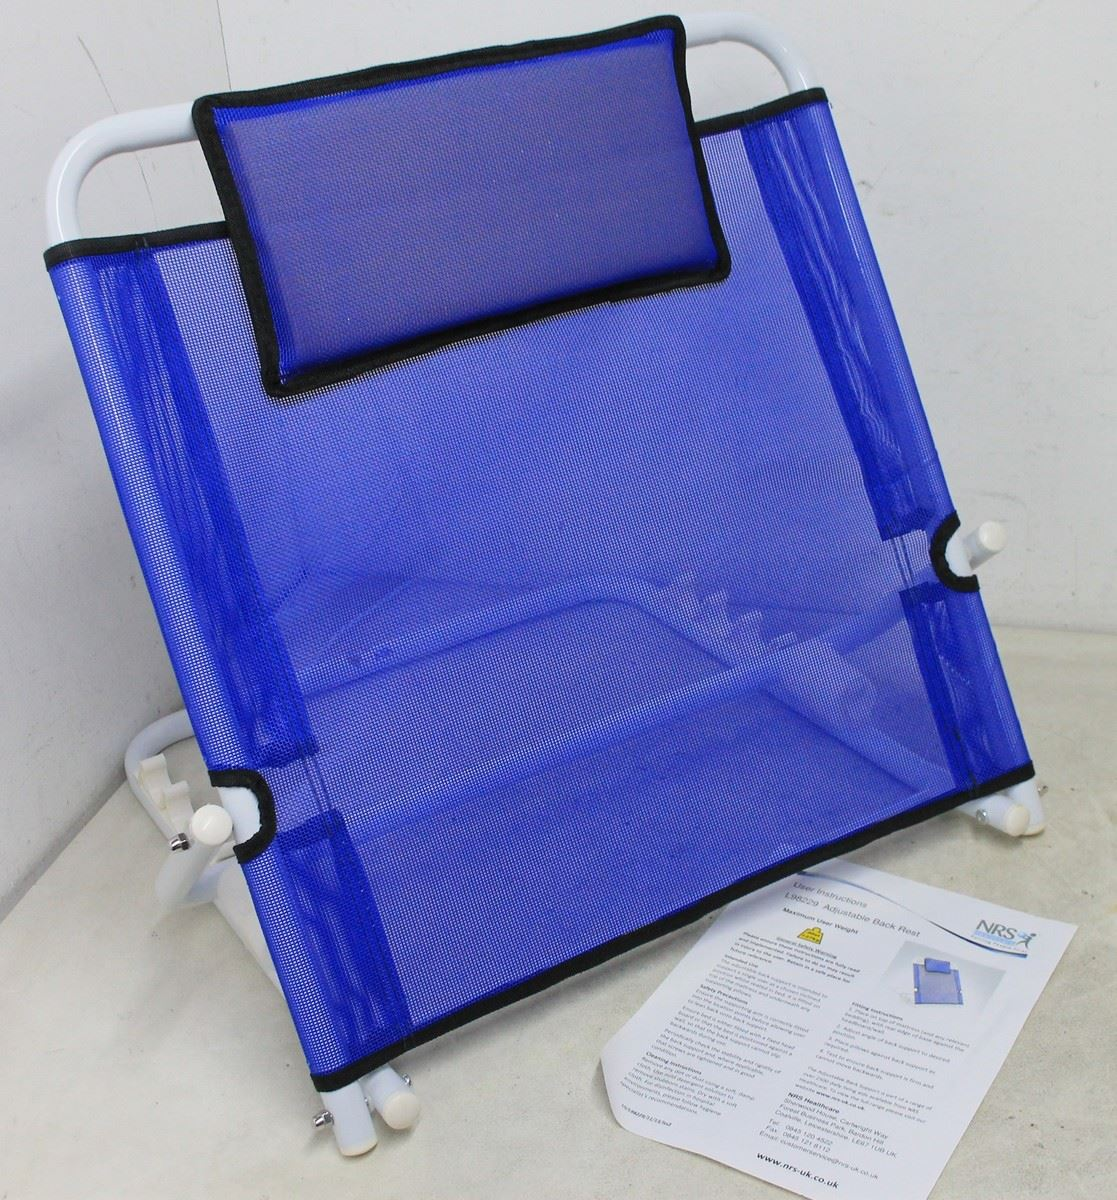 Adjustable Backrest Bed Support : Bnib nrs l adjustable back rest angle lumbar support